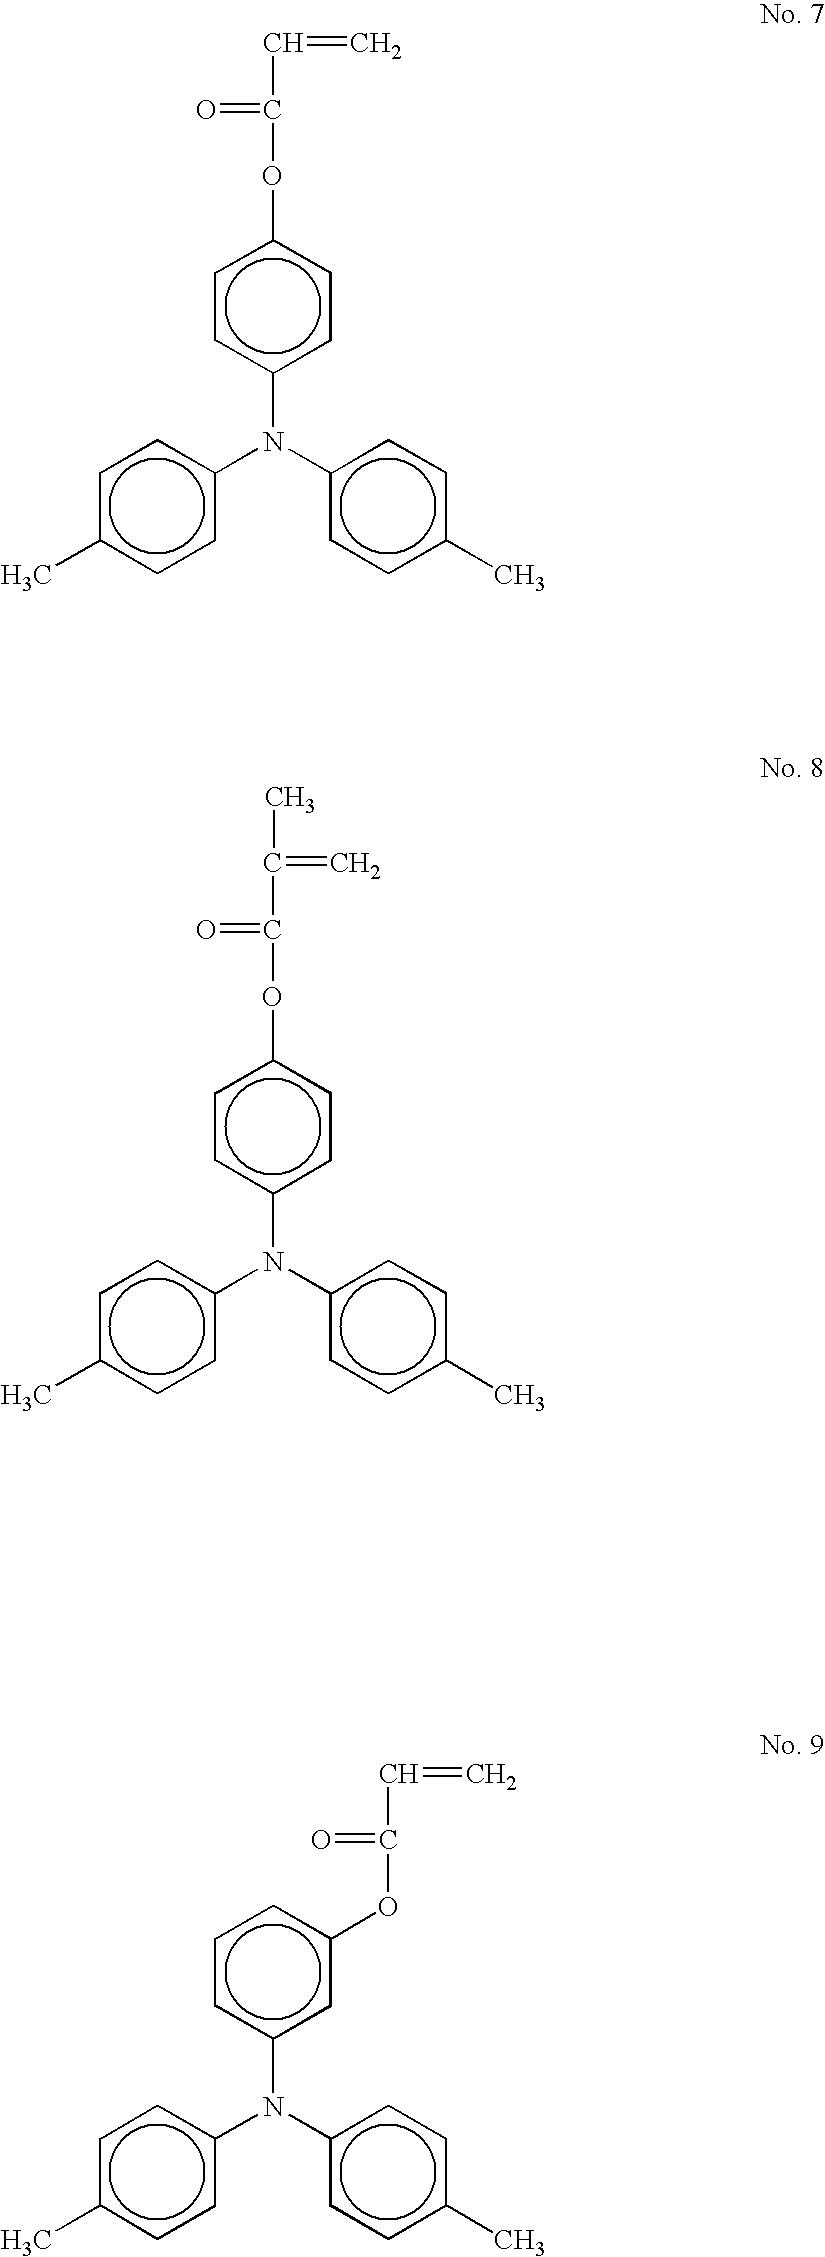 Figure US20040253527A1-20041216-C00014